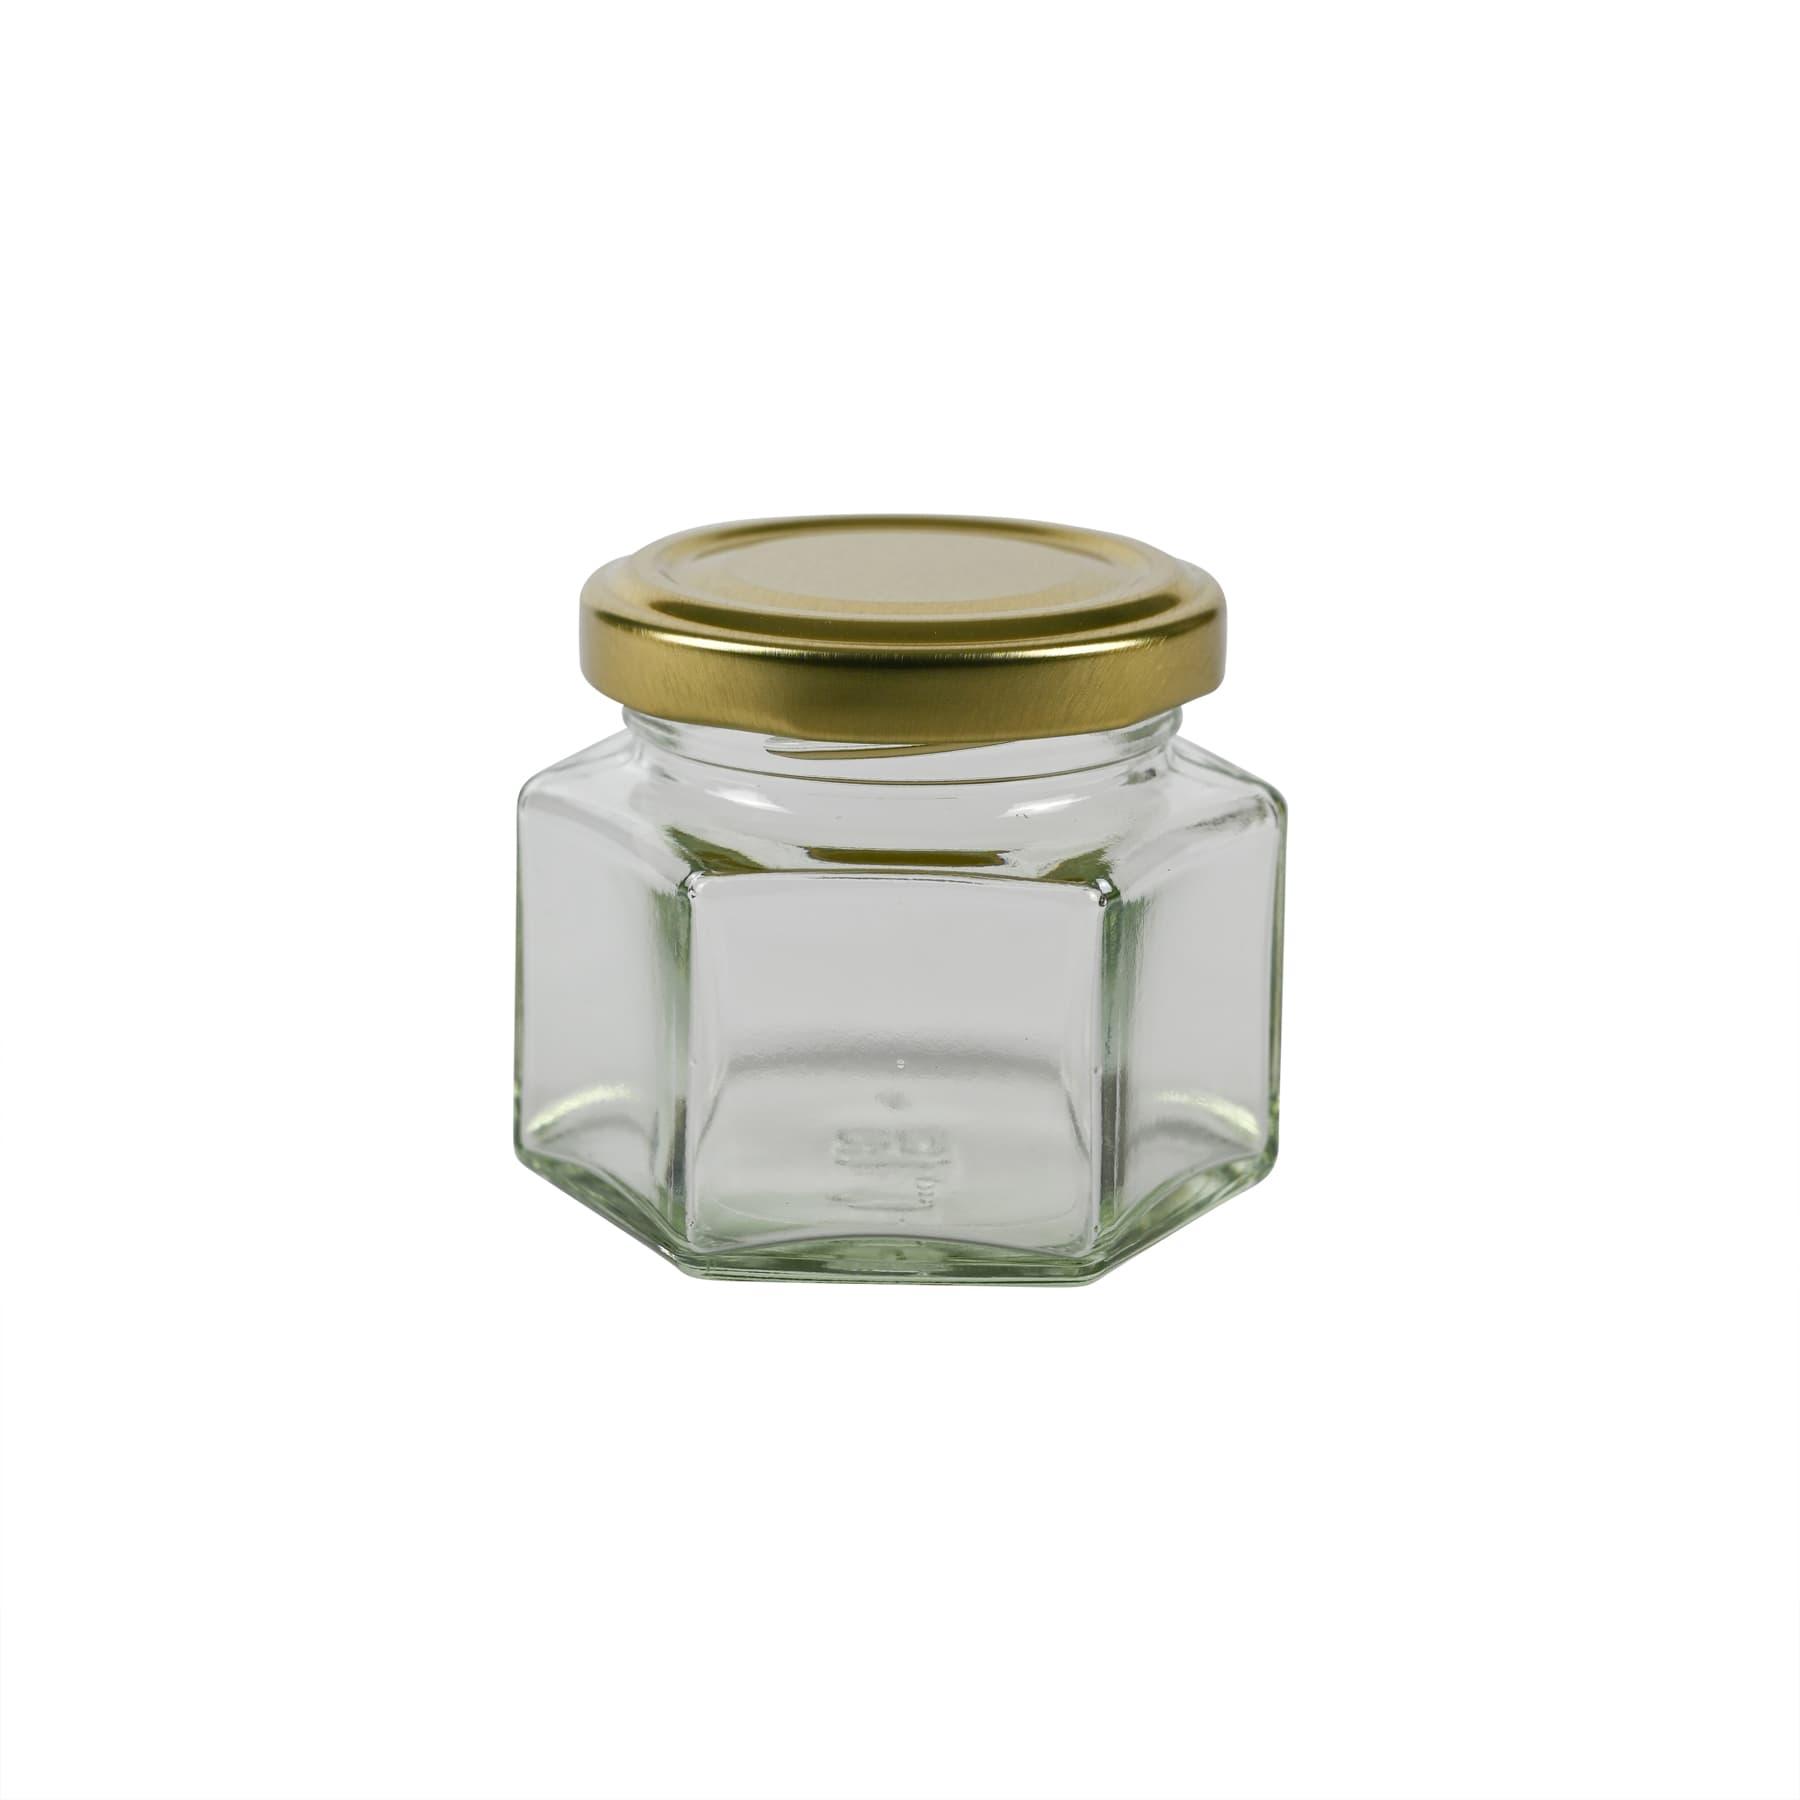 Sechseckglas 125 g (106 ml), mit Twist Off Metalldeckel gold 53